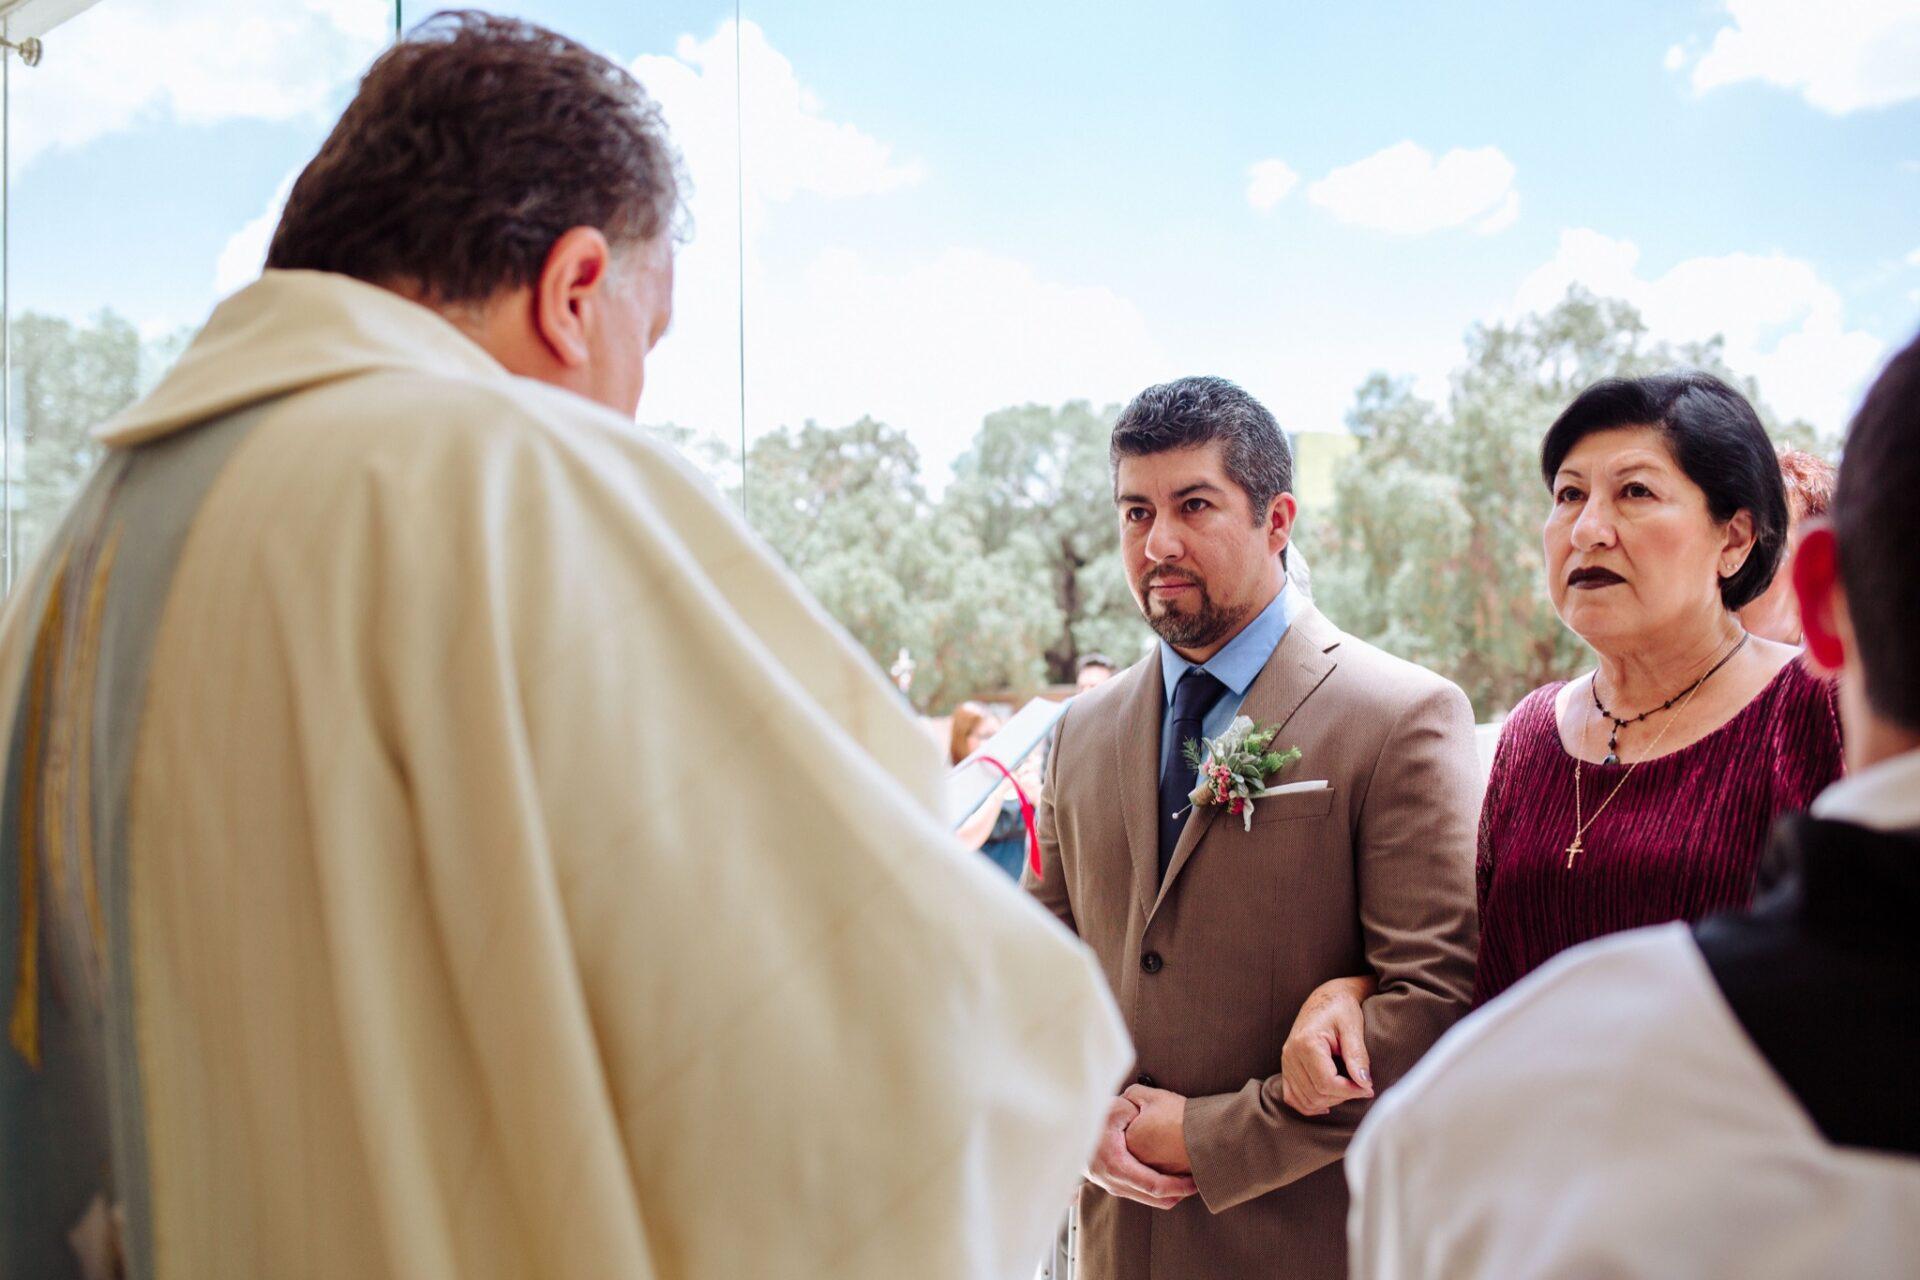 javier_noriega_fotografo_bodas_los_gaviones_zacatecas_wedding_photographer2